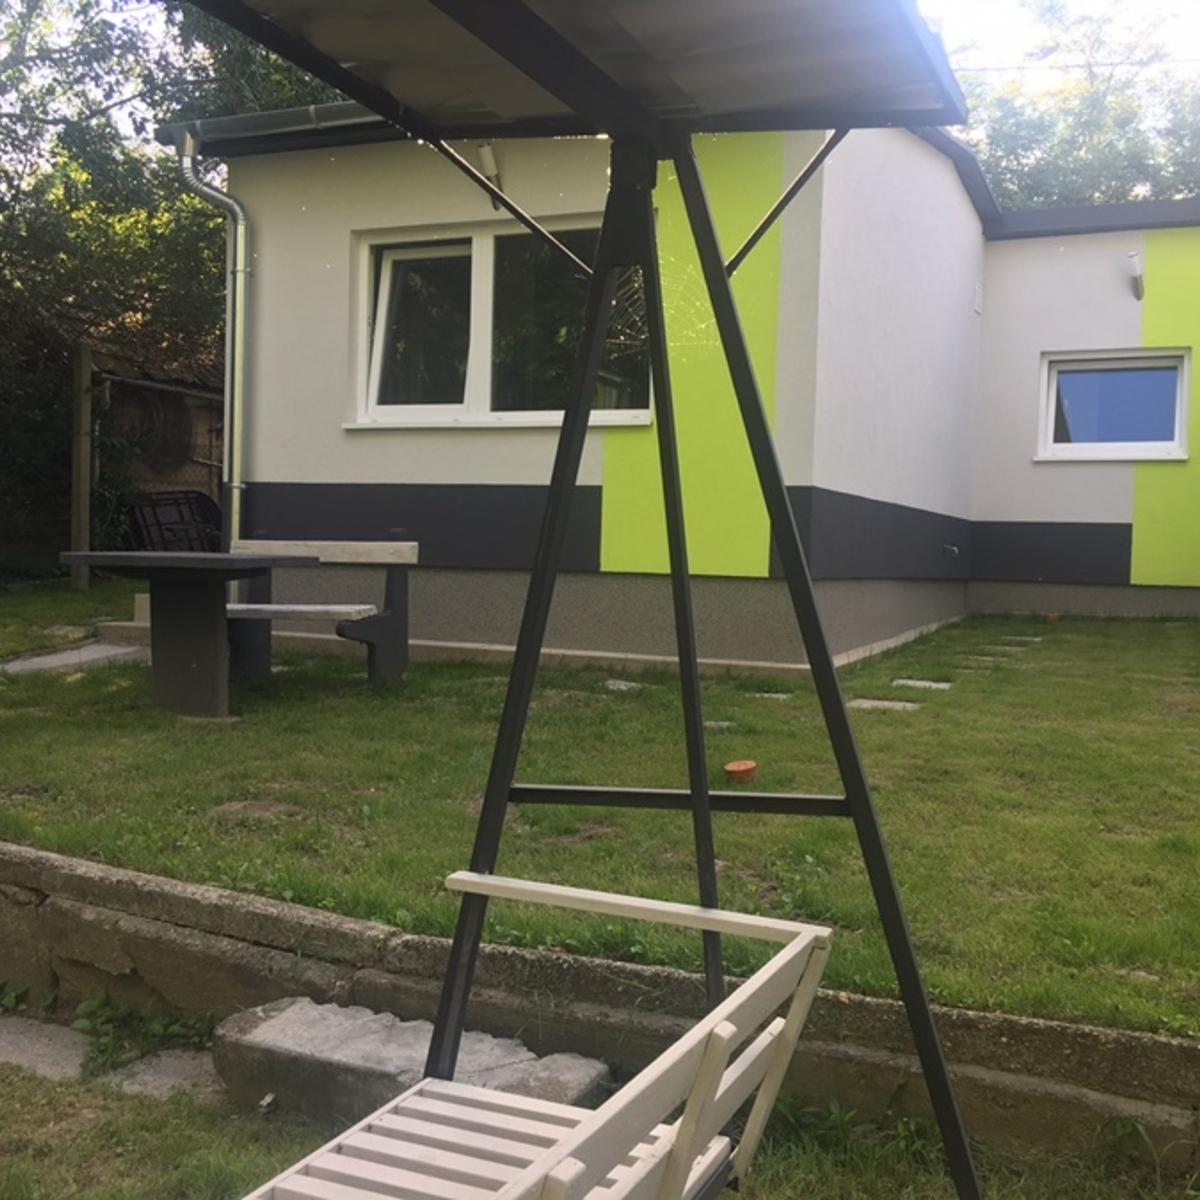 Eladó  családi ház (Pest megye, Szigetszentmiklós, Ádám Jenő sétány) 24,9 M  Ft